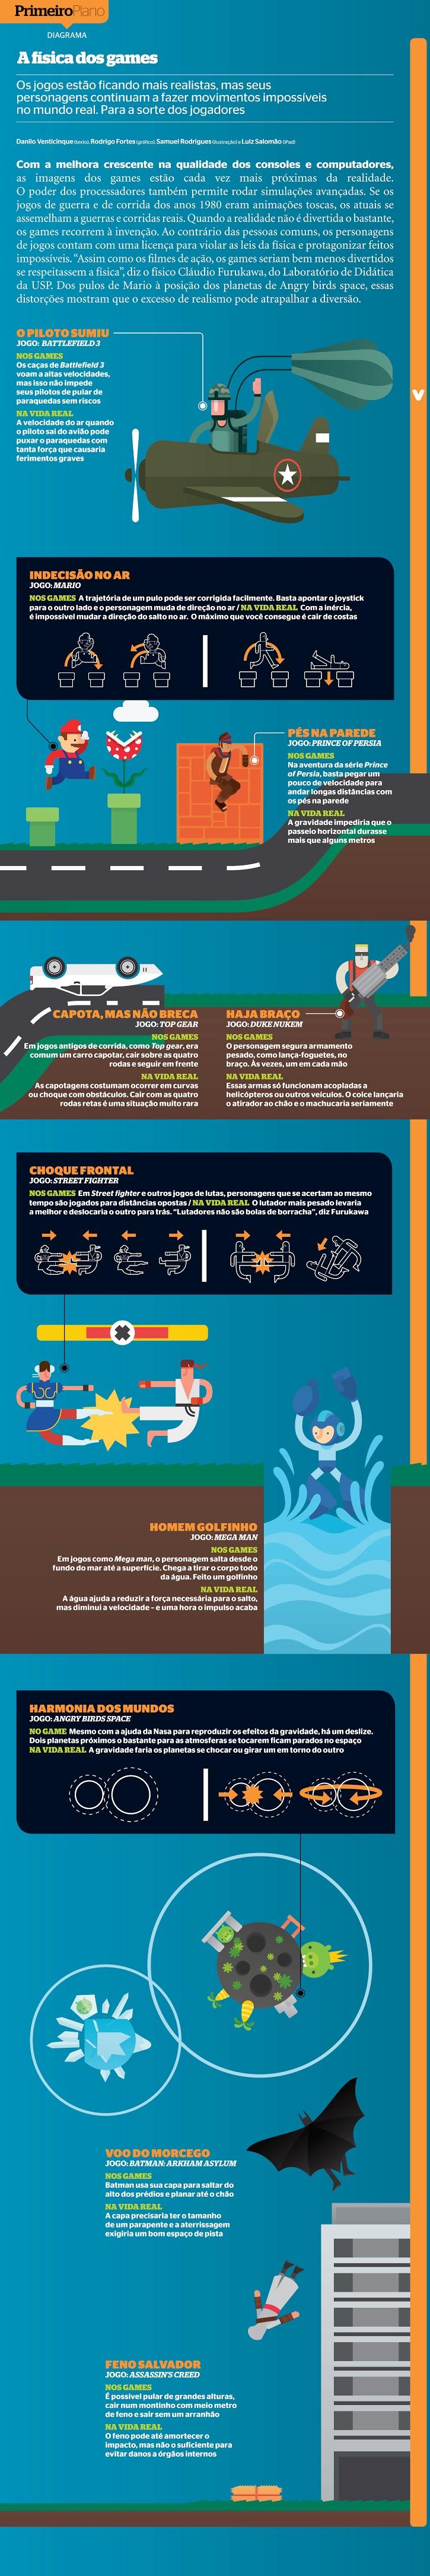 A física dos games,  infográfico adaptado para iPad por Luiz Salomão para a Época